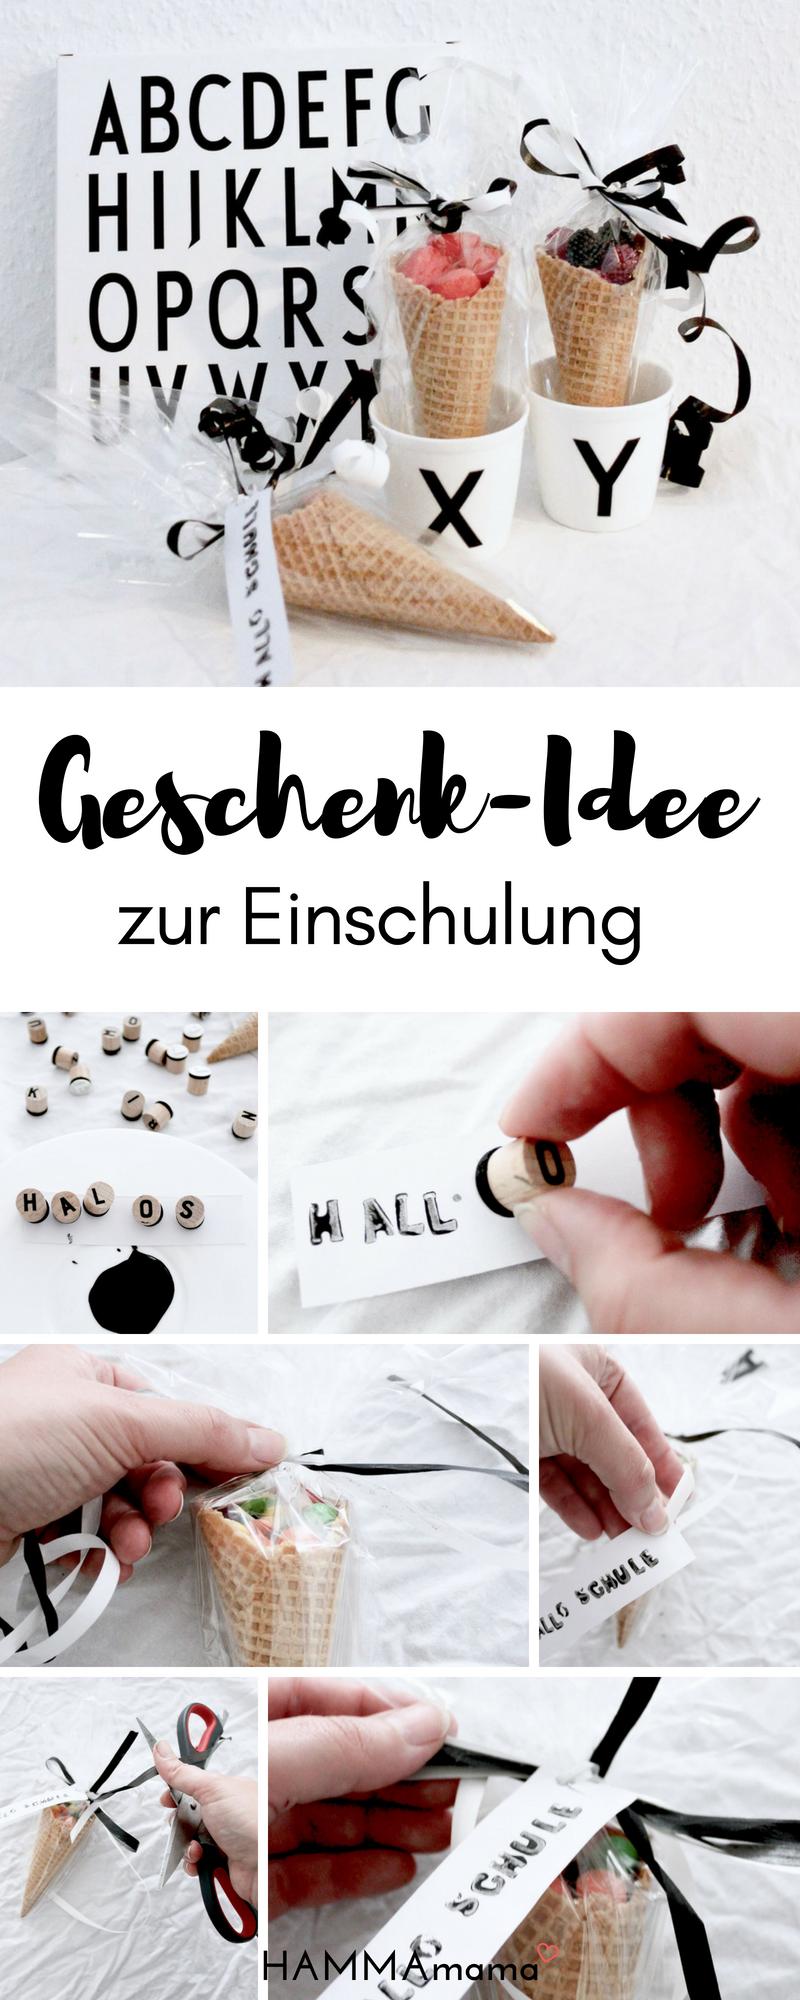 diy idee geschenk zur einschulung basteln und sch n verpacken deutsch geschenk einschulung. Black Bedroom Furniture Sets. Home Design Ideas